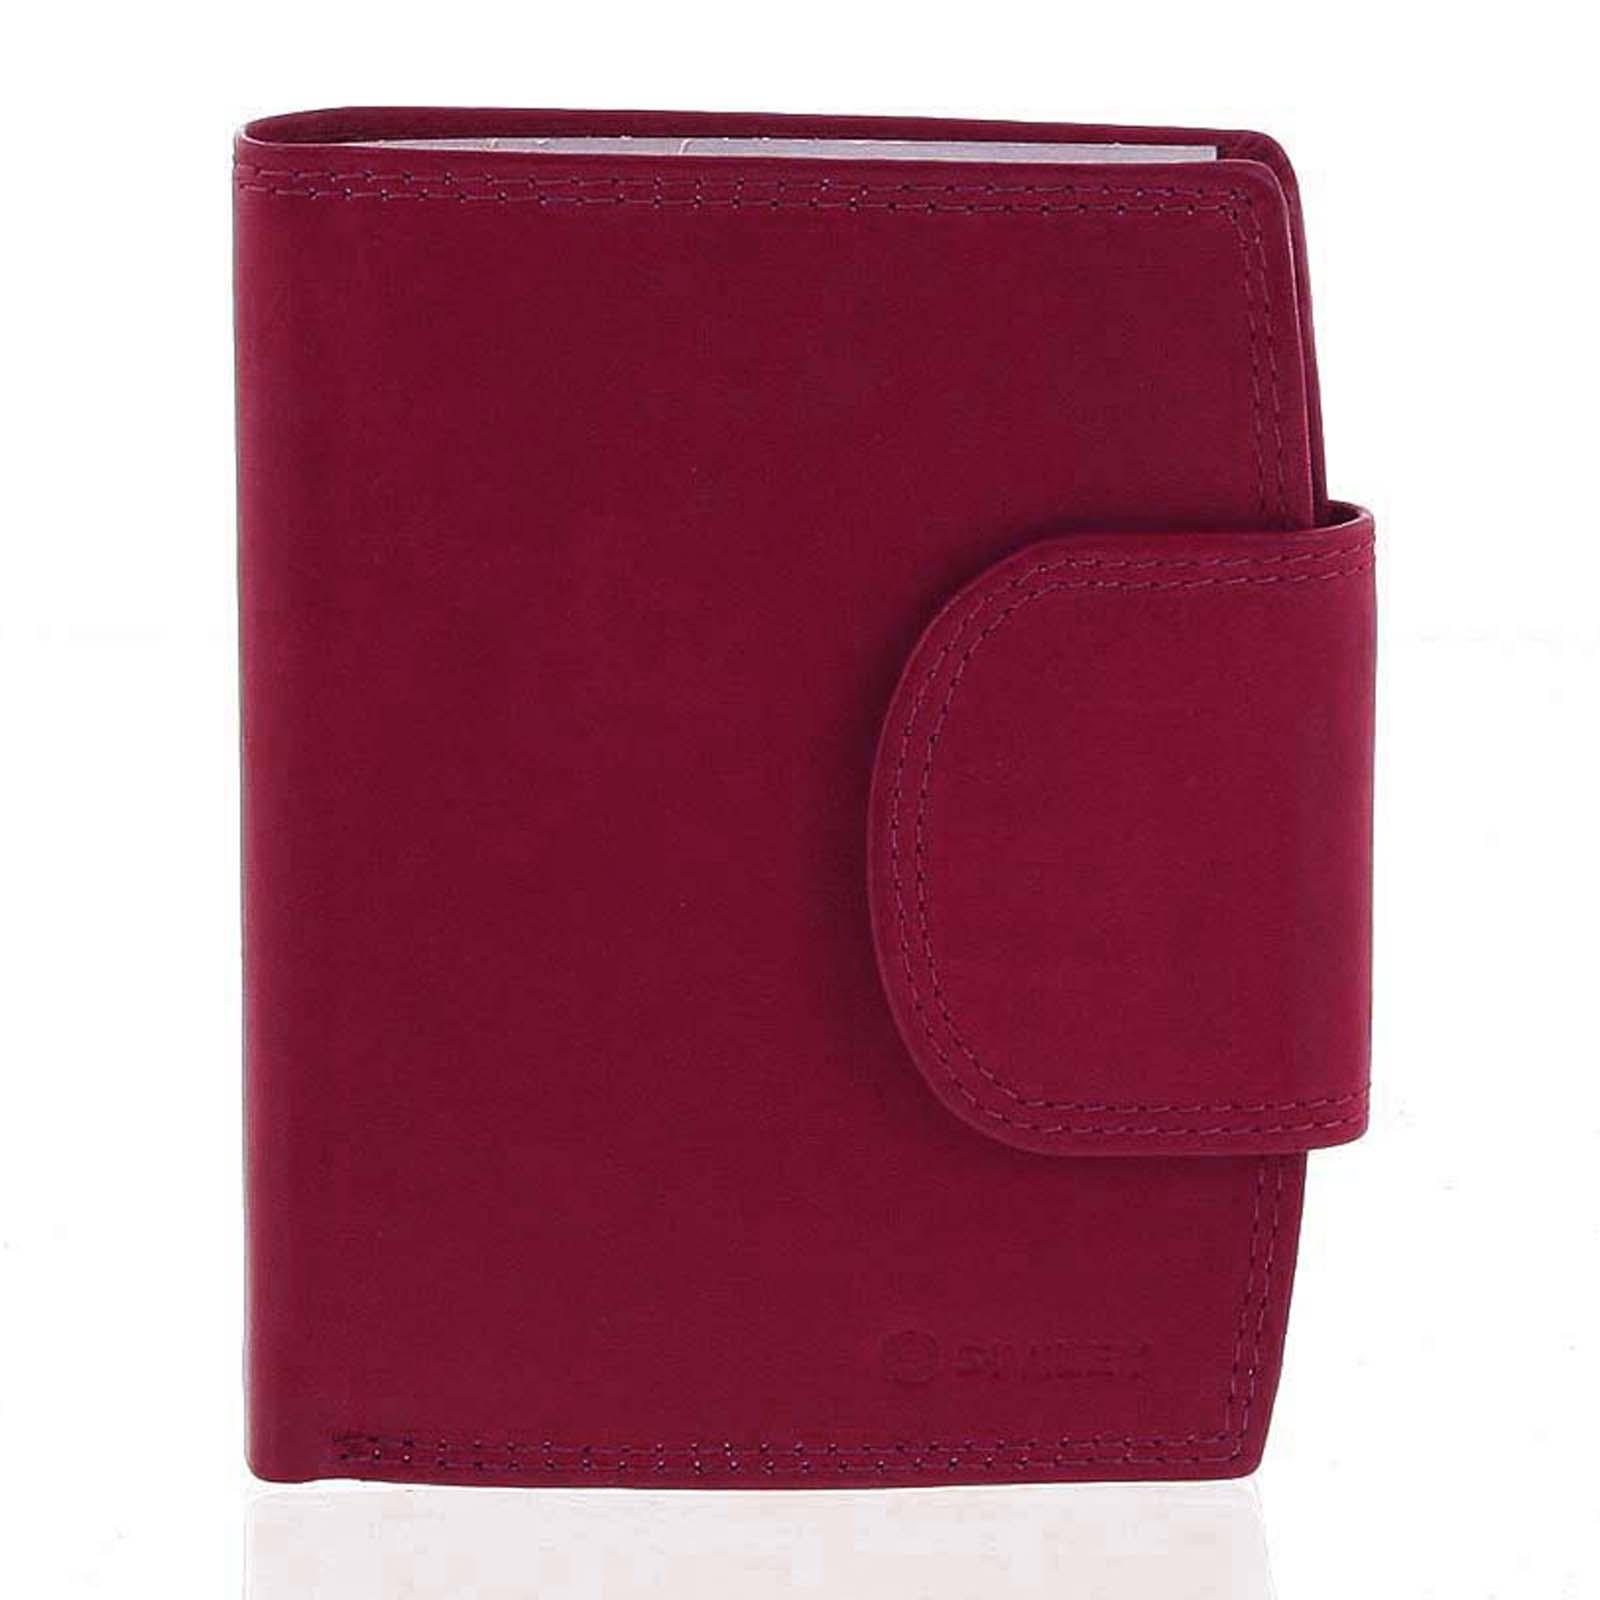 Elegantní červená kožená peněženka se zápinkou - Diviley Universit